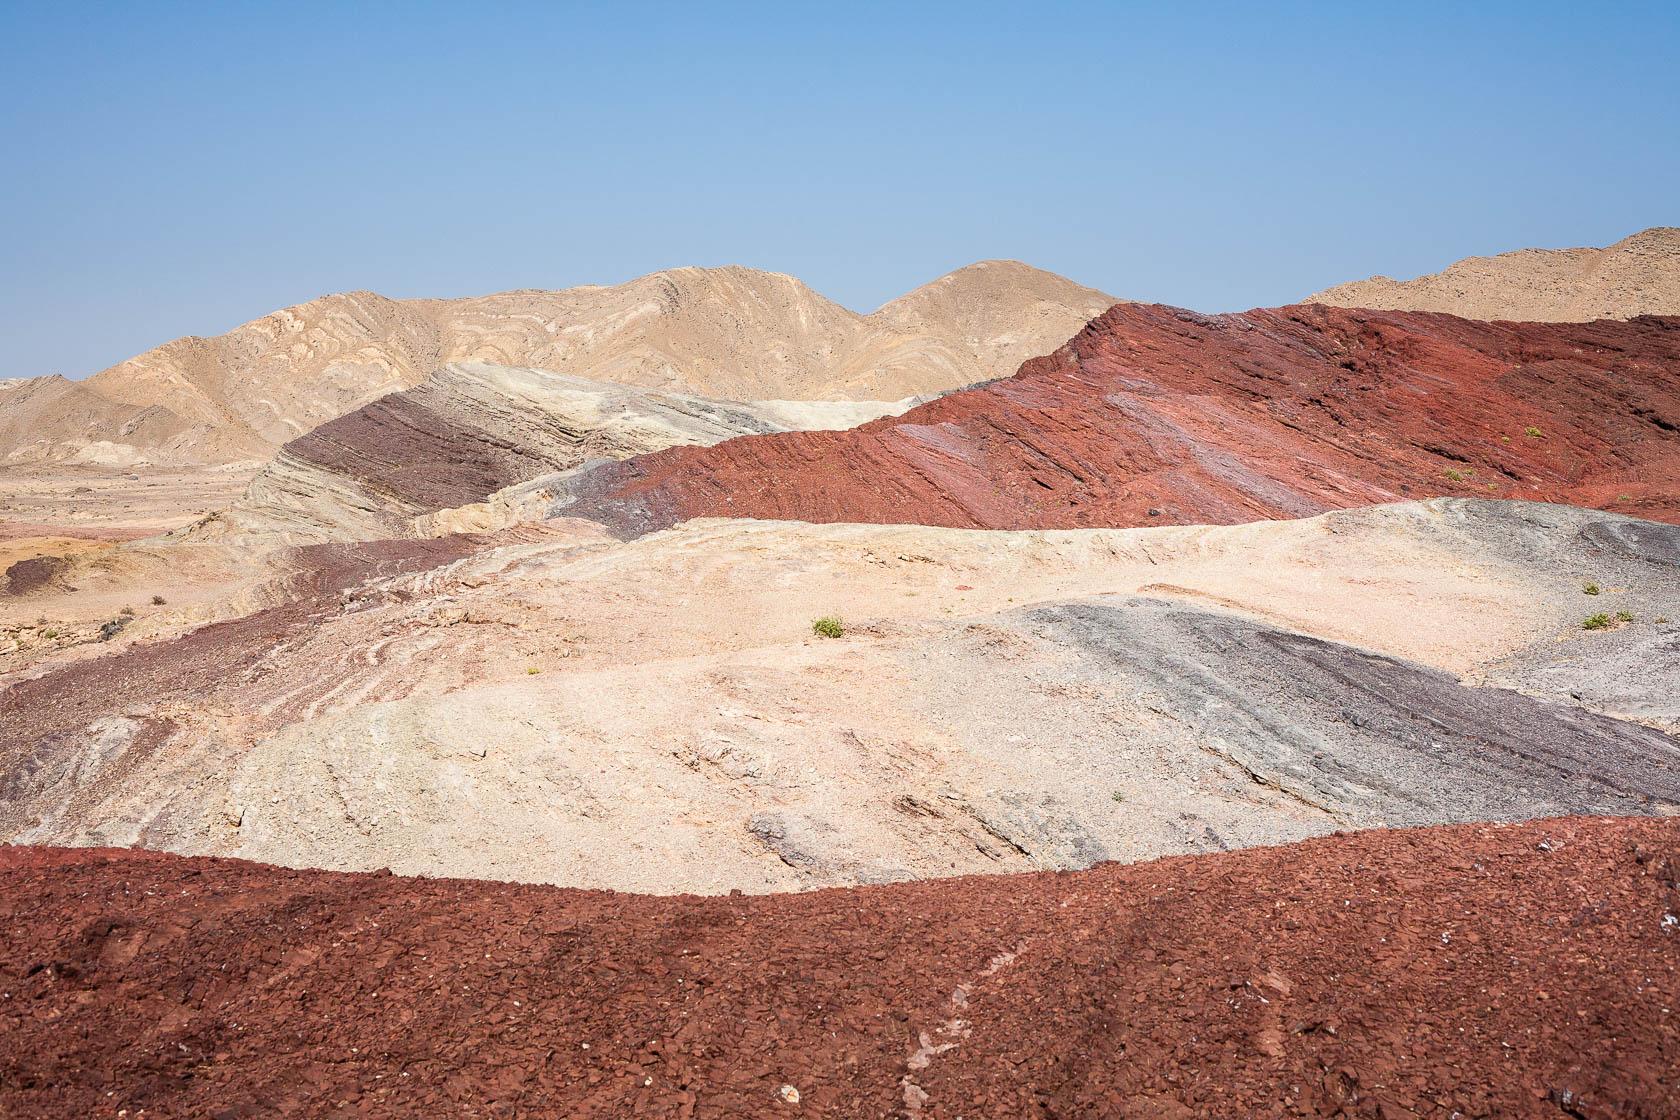 Paysages rocheux au nord est du Sultanat d'Oman